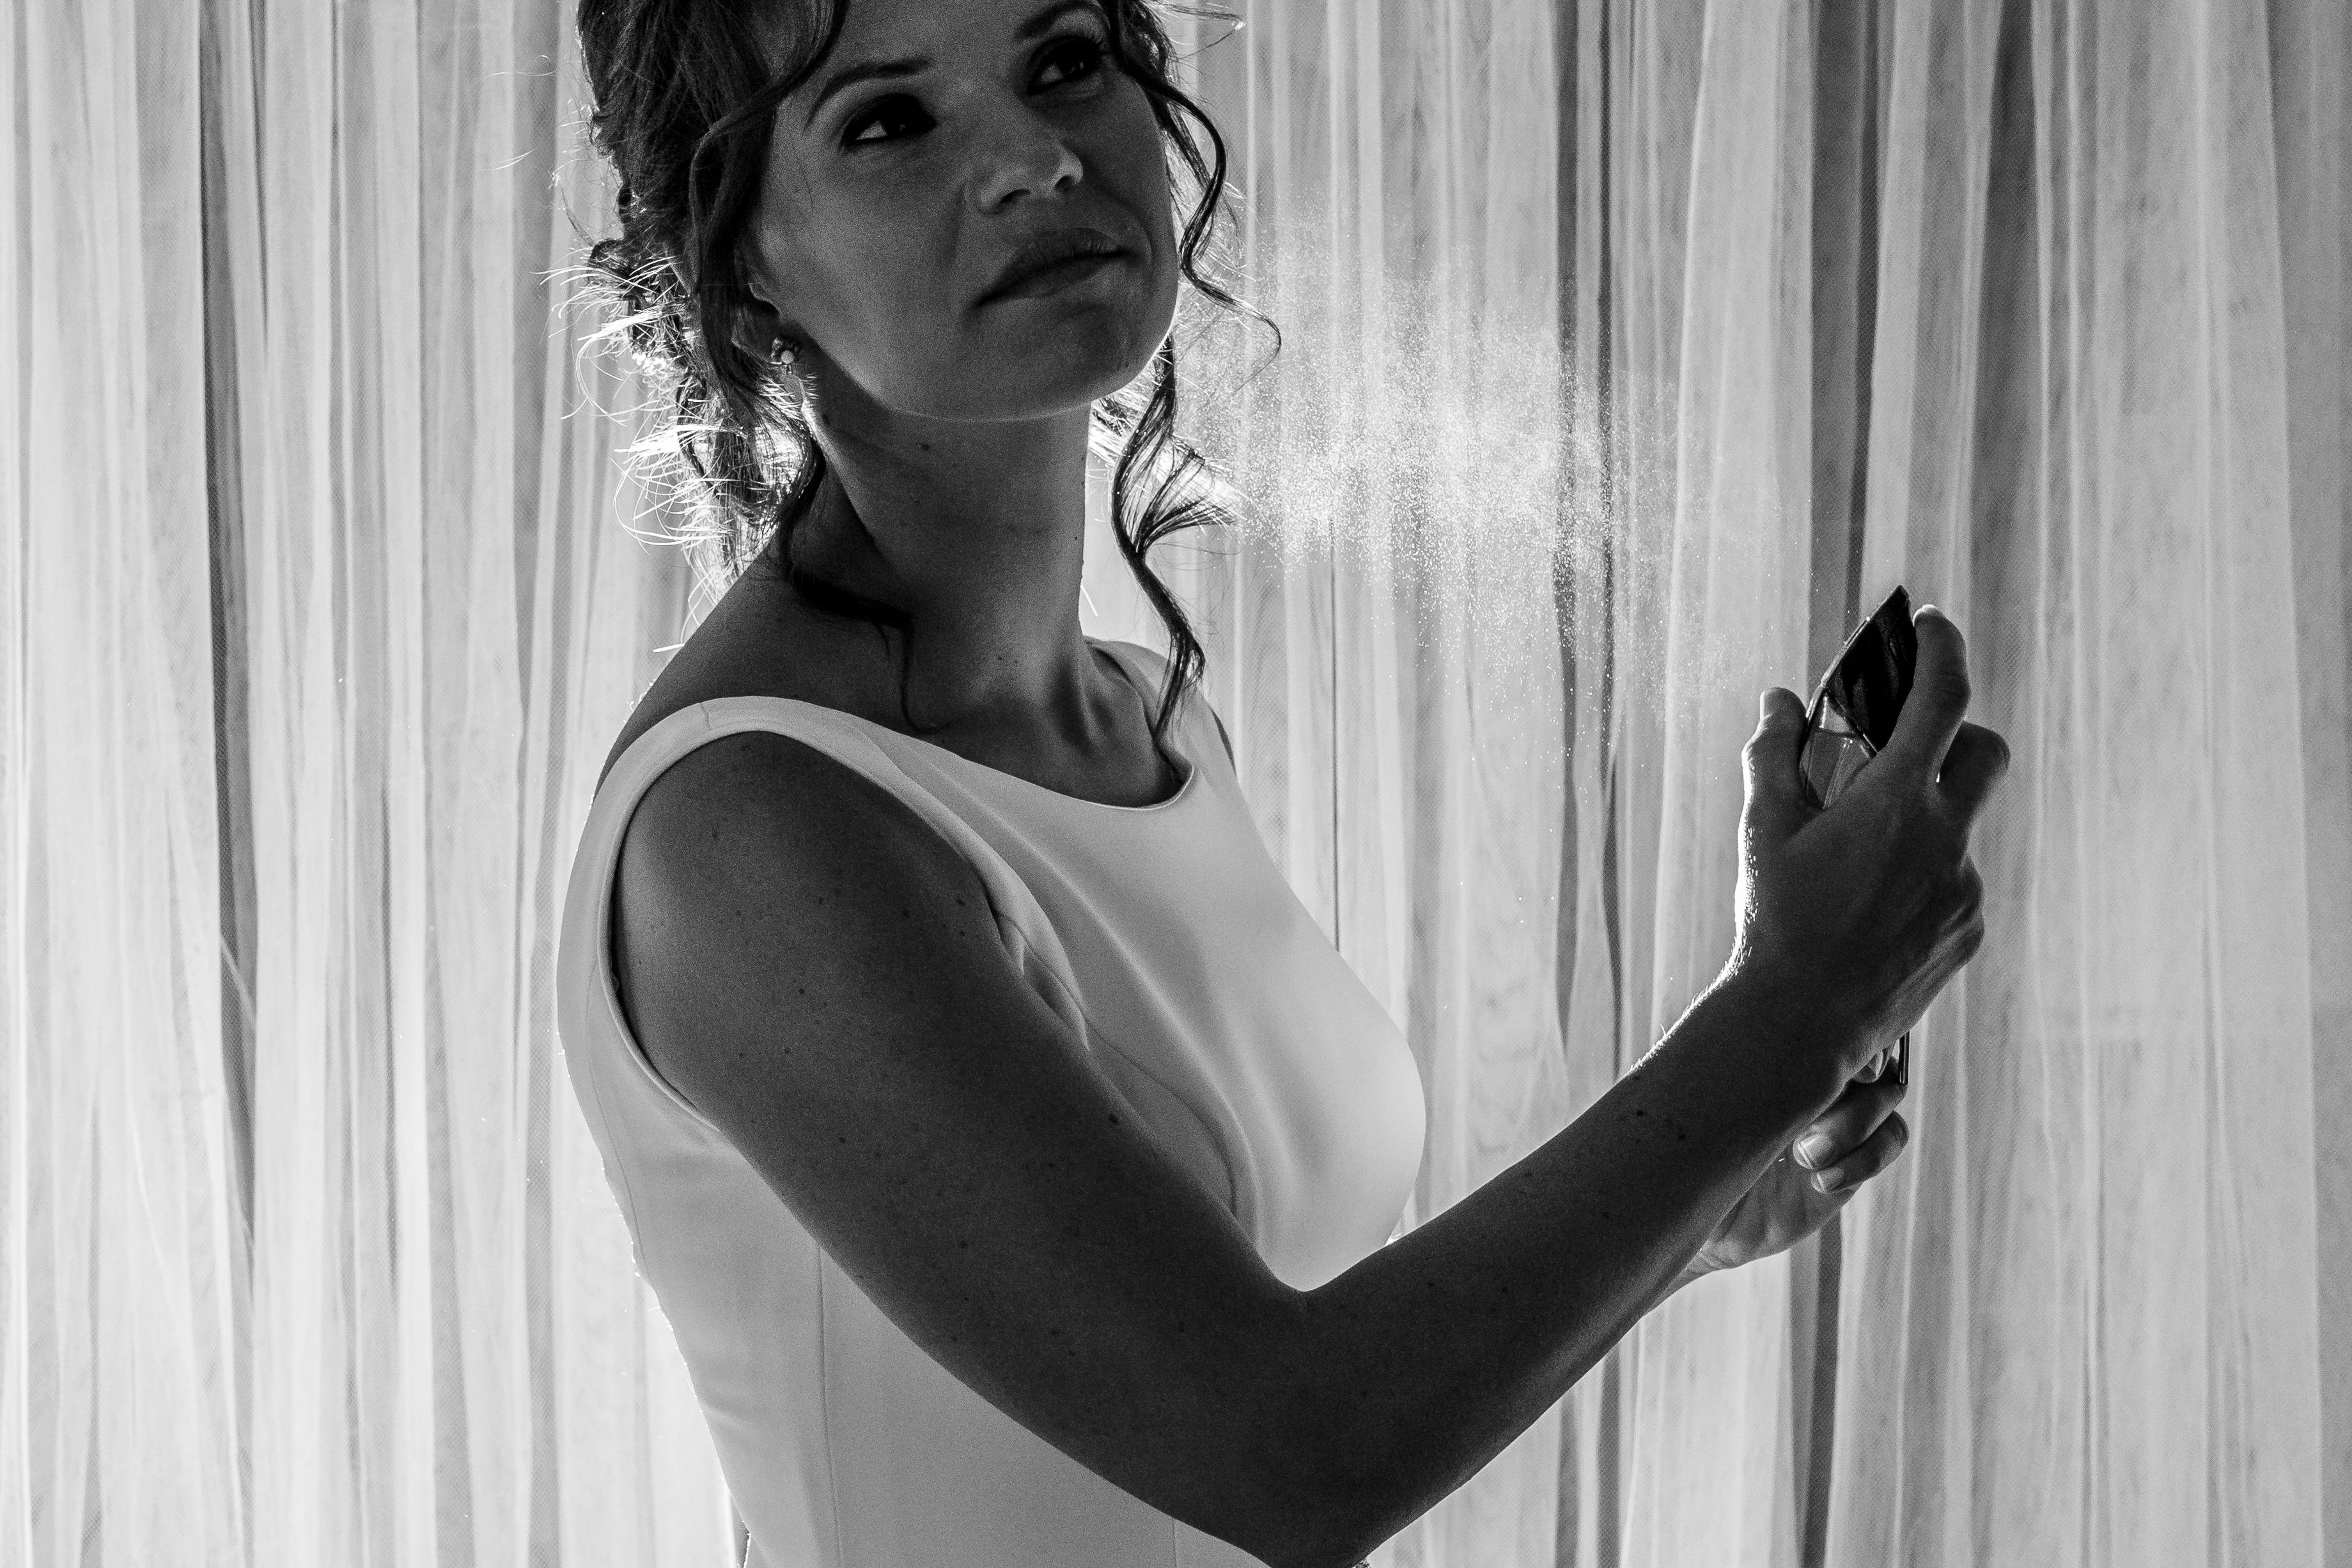 mandarina wedding, fotografos de boda, fotoperiodismo de boda, mejores fotografos de boda, bodas soria, bodas pirineo, bodas Madrid, fotógrafo daroca_13